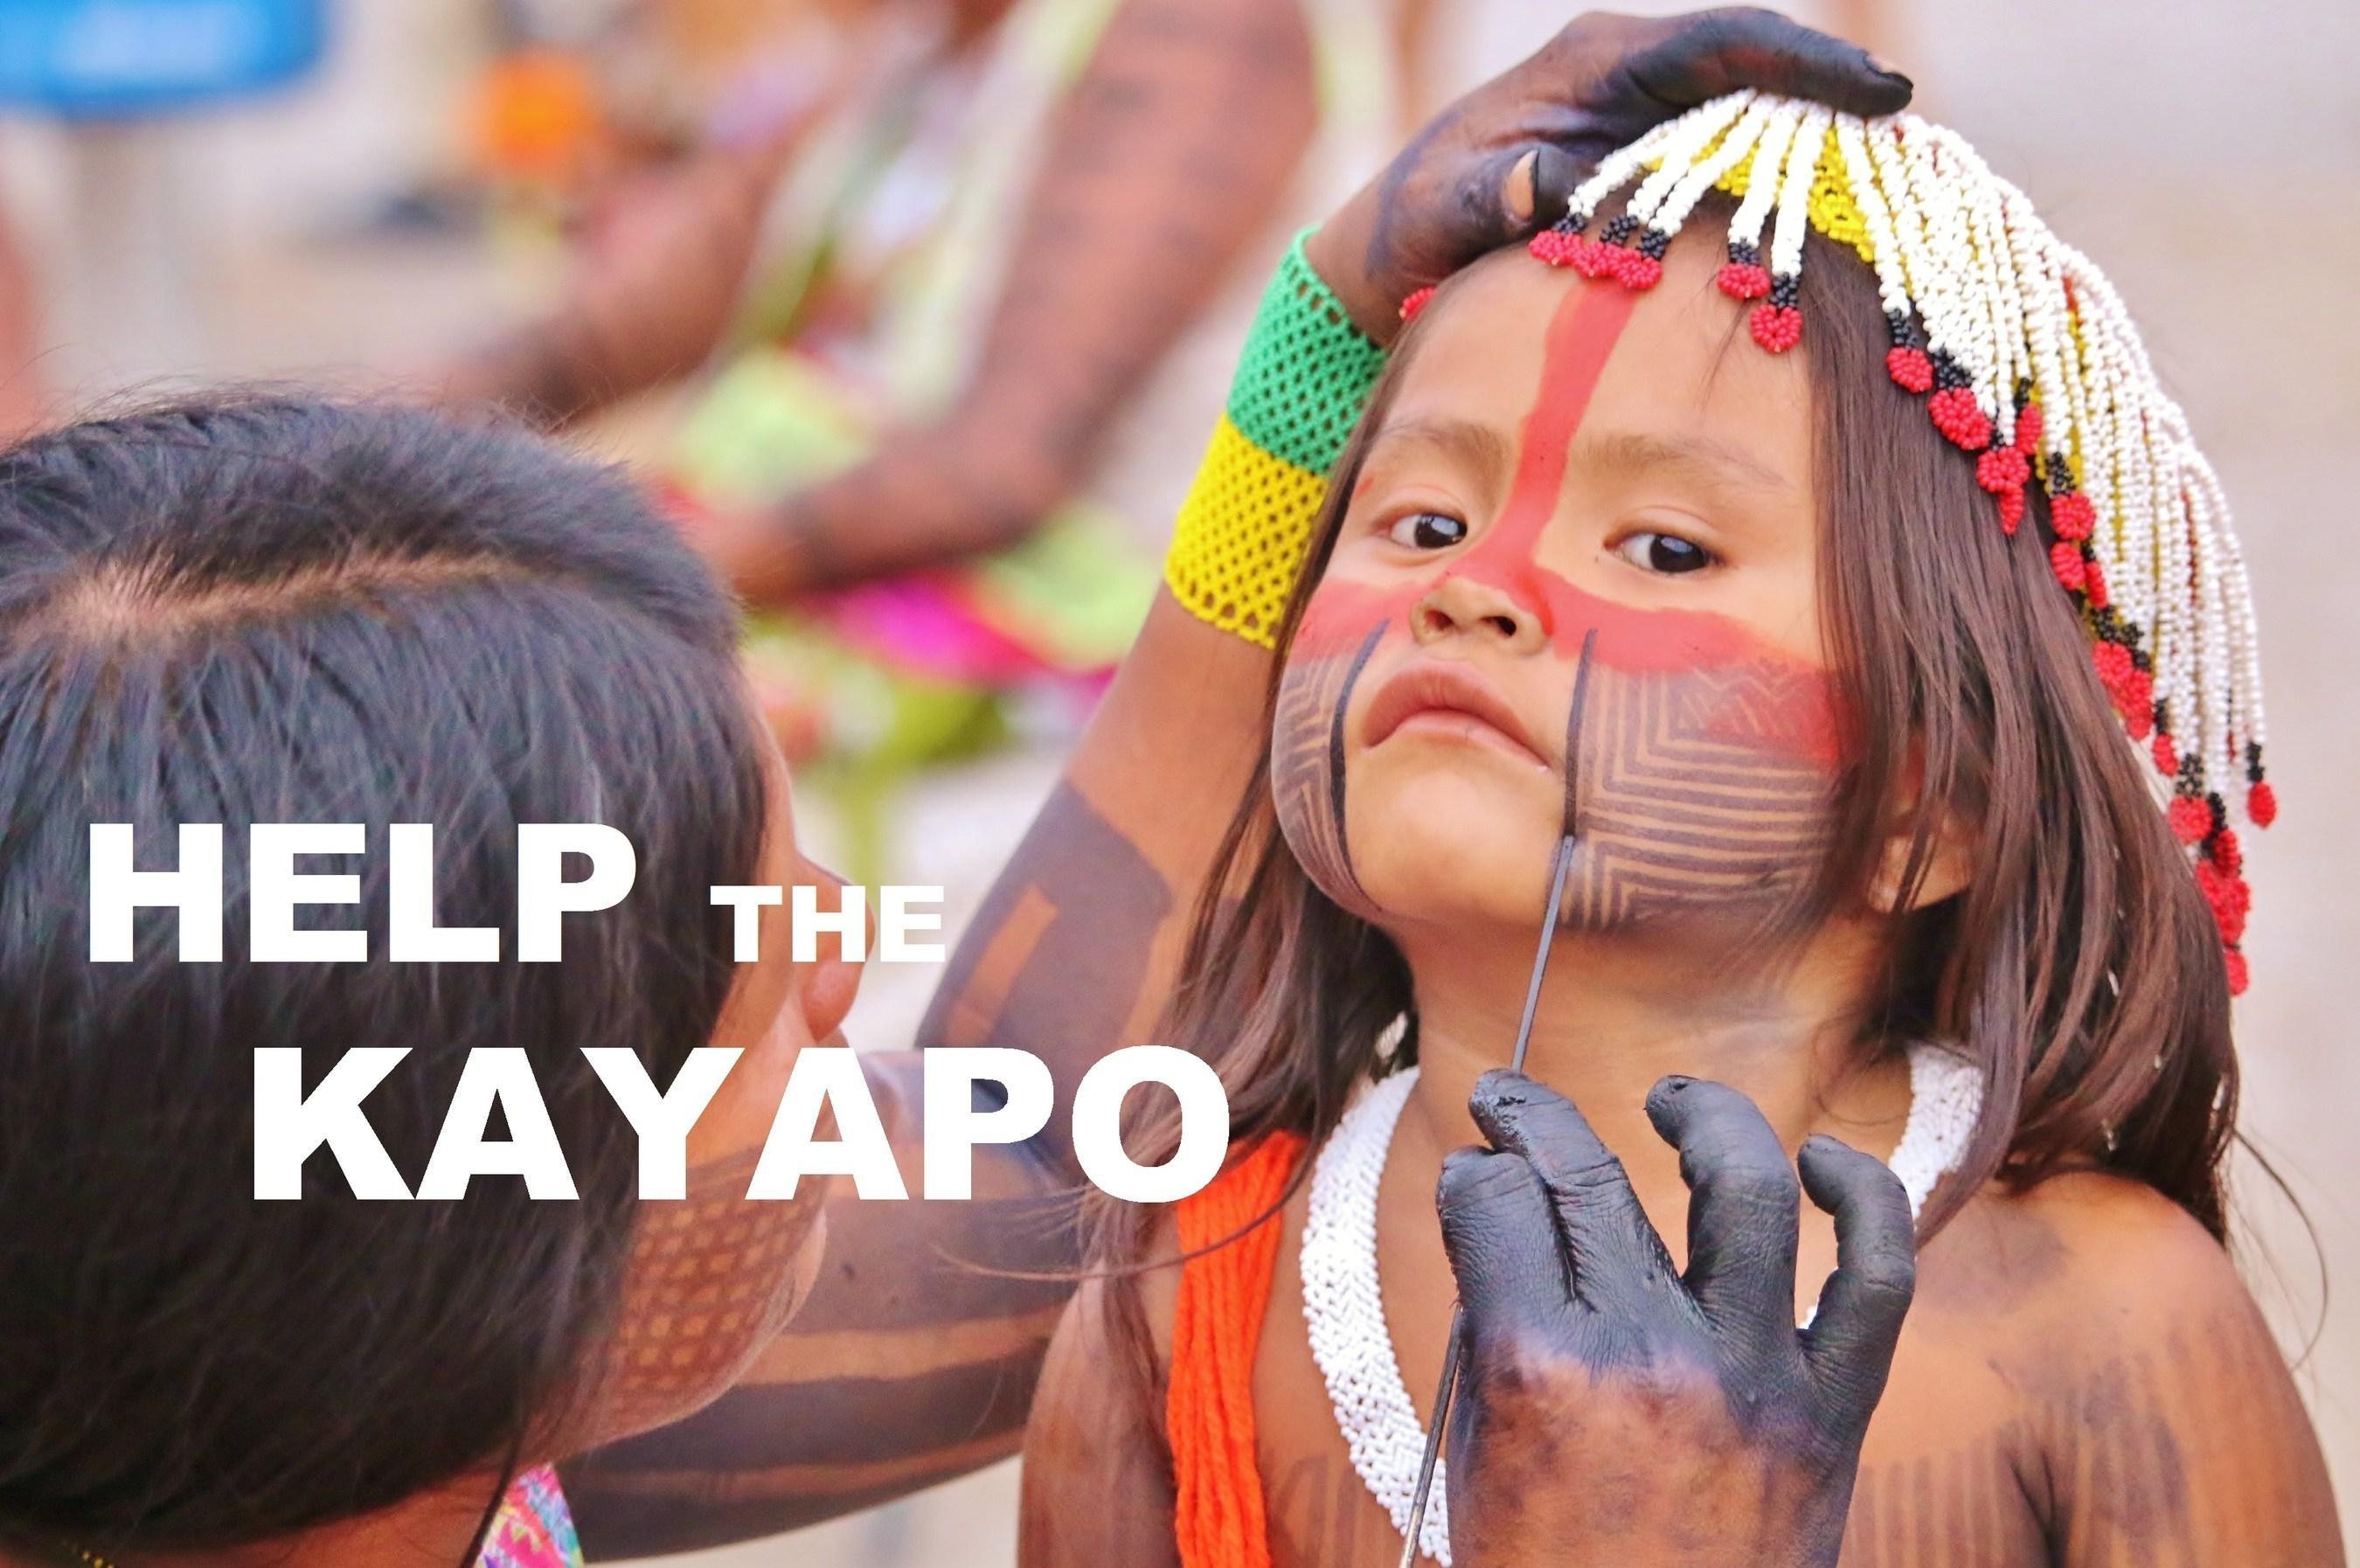 Help Kayapo